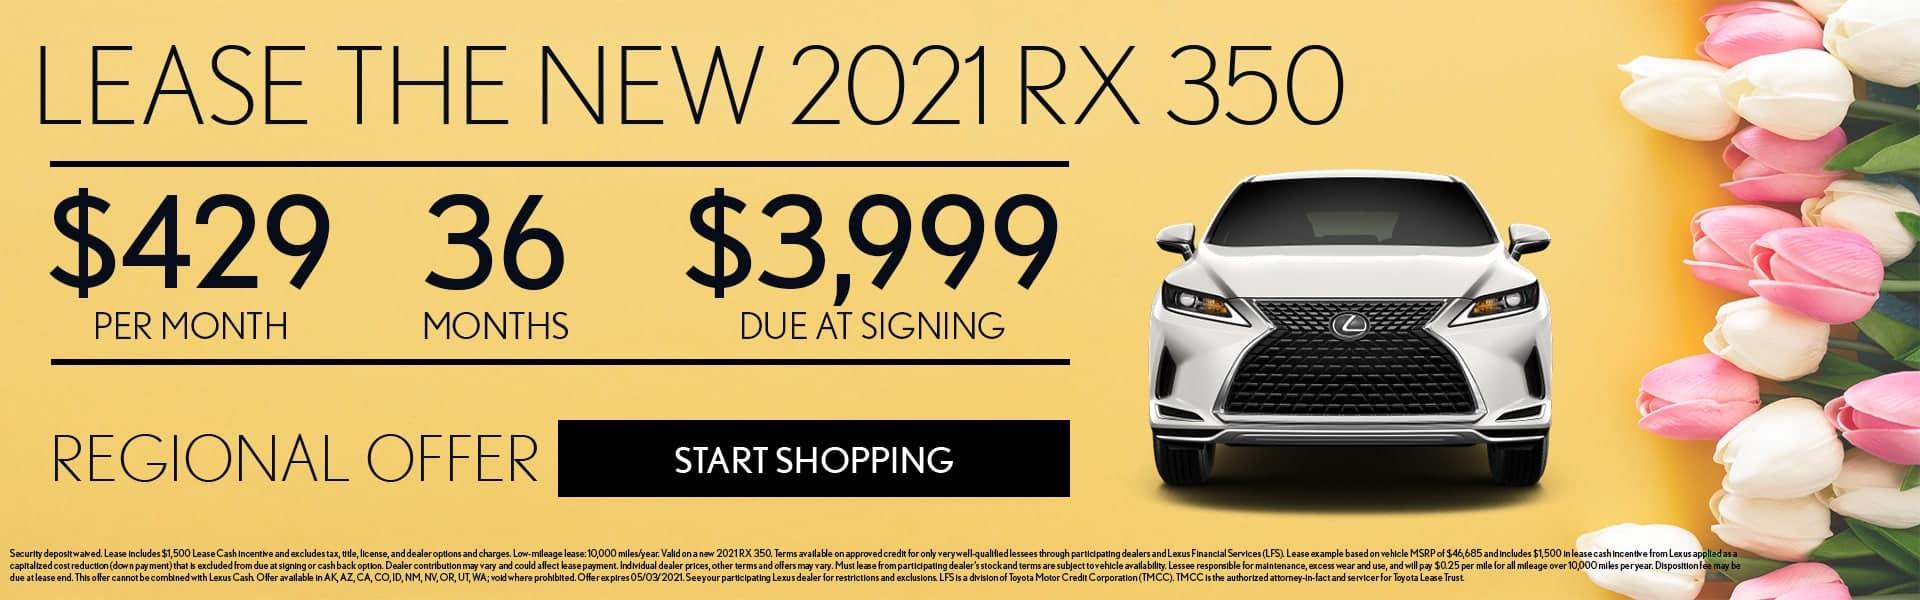 2021 Lexus RX offer